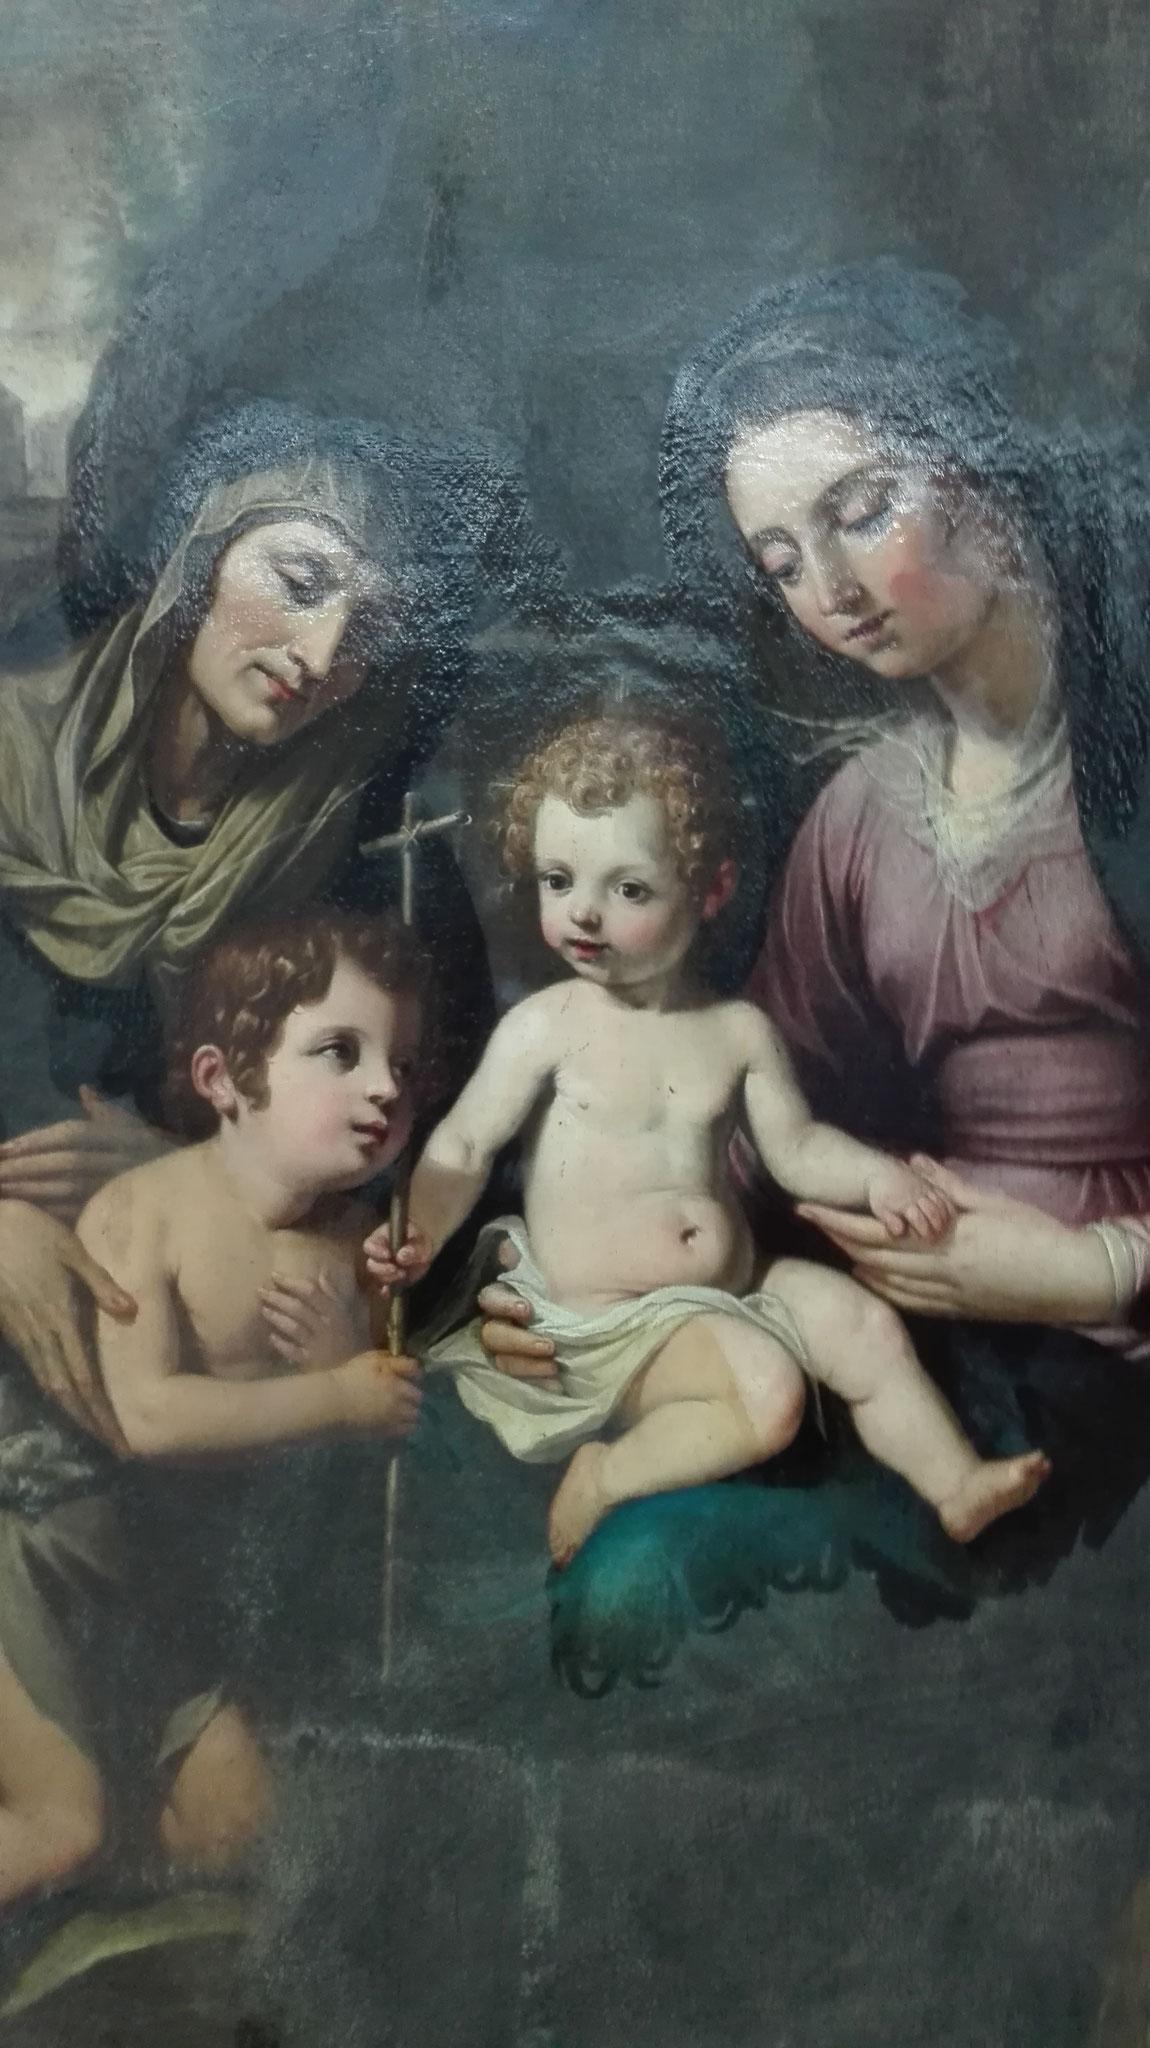 Virgen María con Niño Jesús, Santa Isabel y San Juan Niño. Proceso de limpieza. Eliminación de barnices oxidados y repintes.